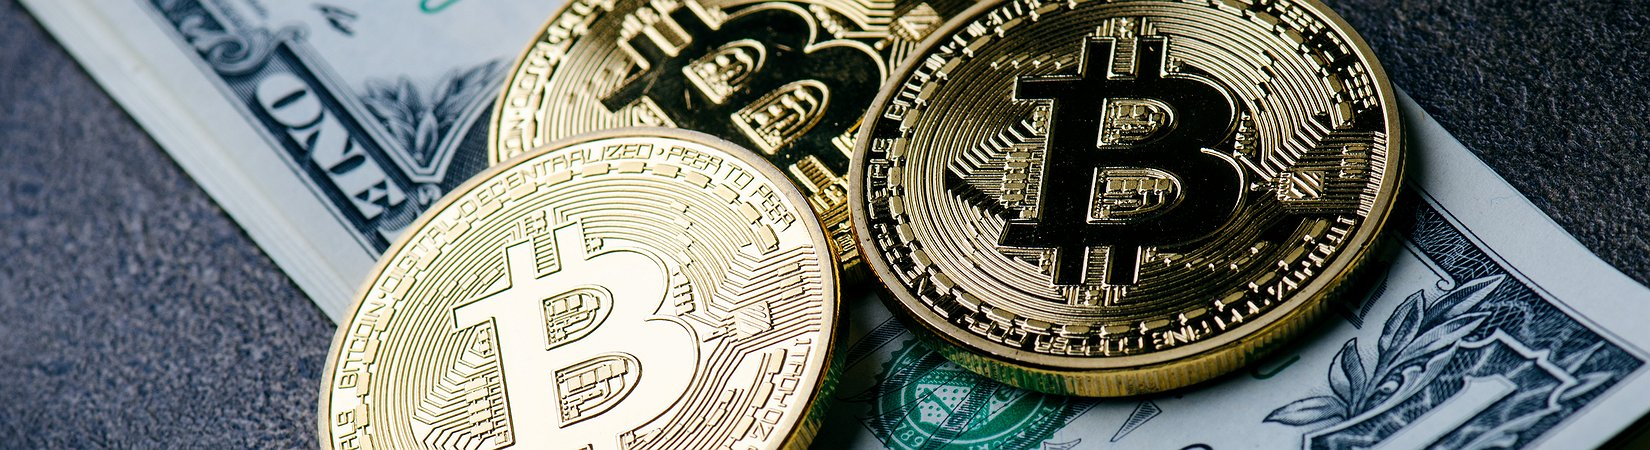 Арбитражная торговля криптовалютами: Инструкция для начинающих